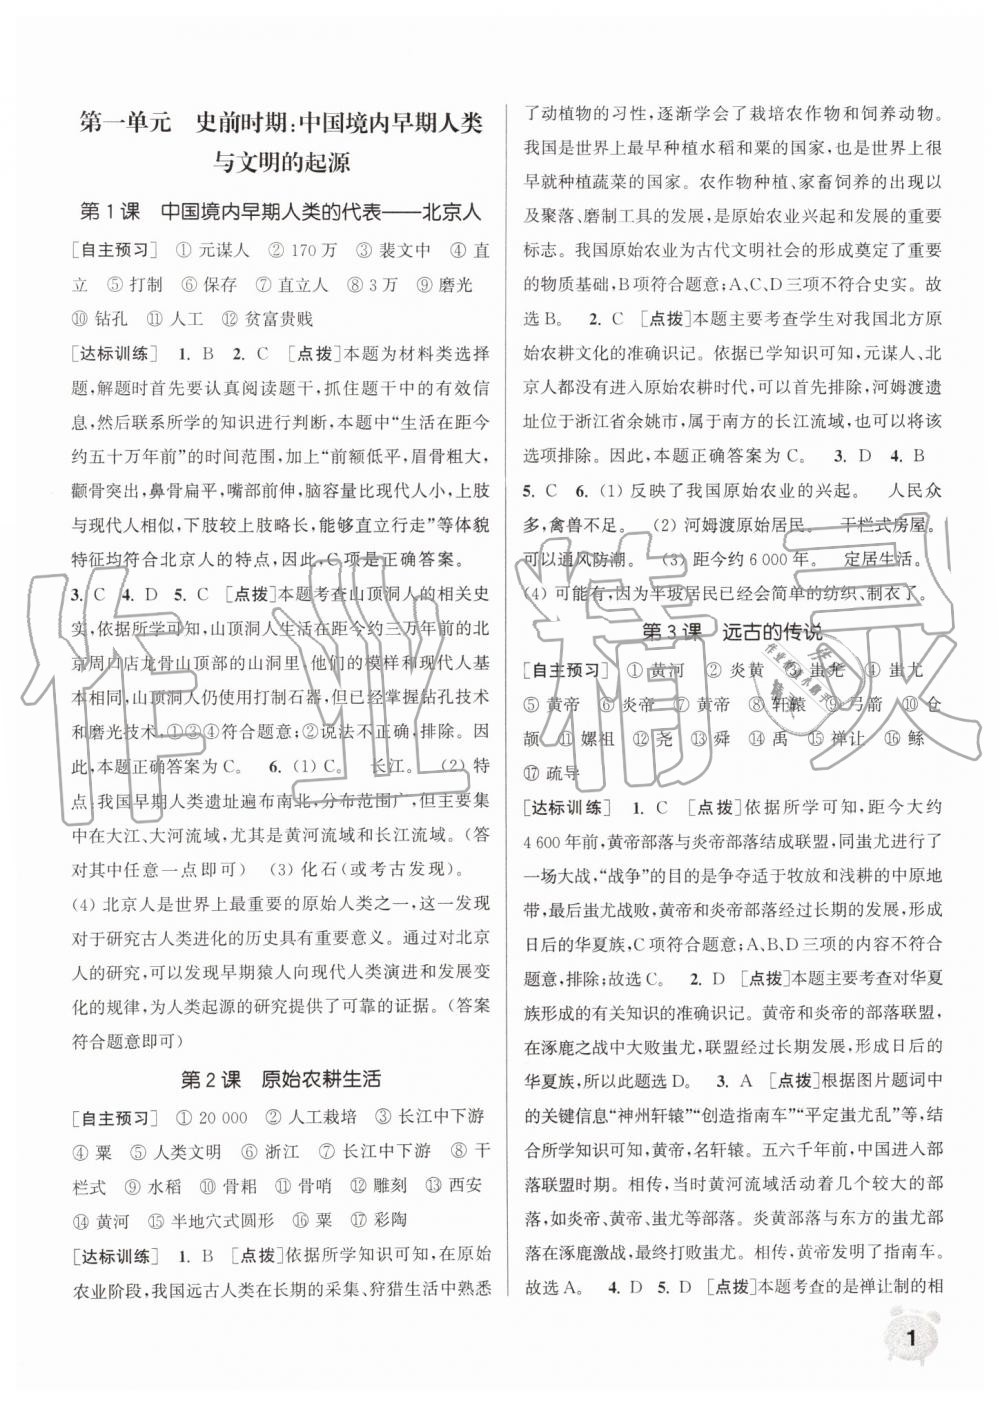 2019年通城学典课时作业本七年级历史上册人教版第1页